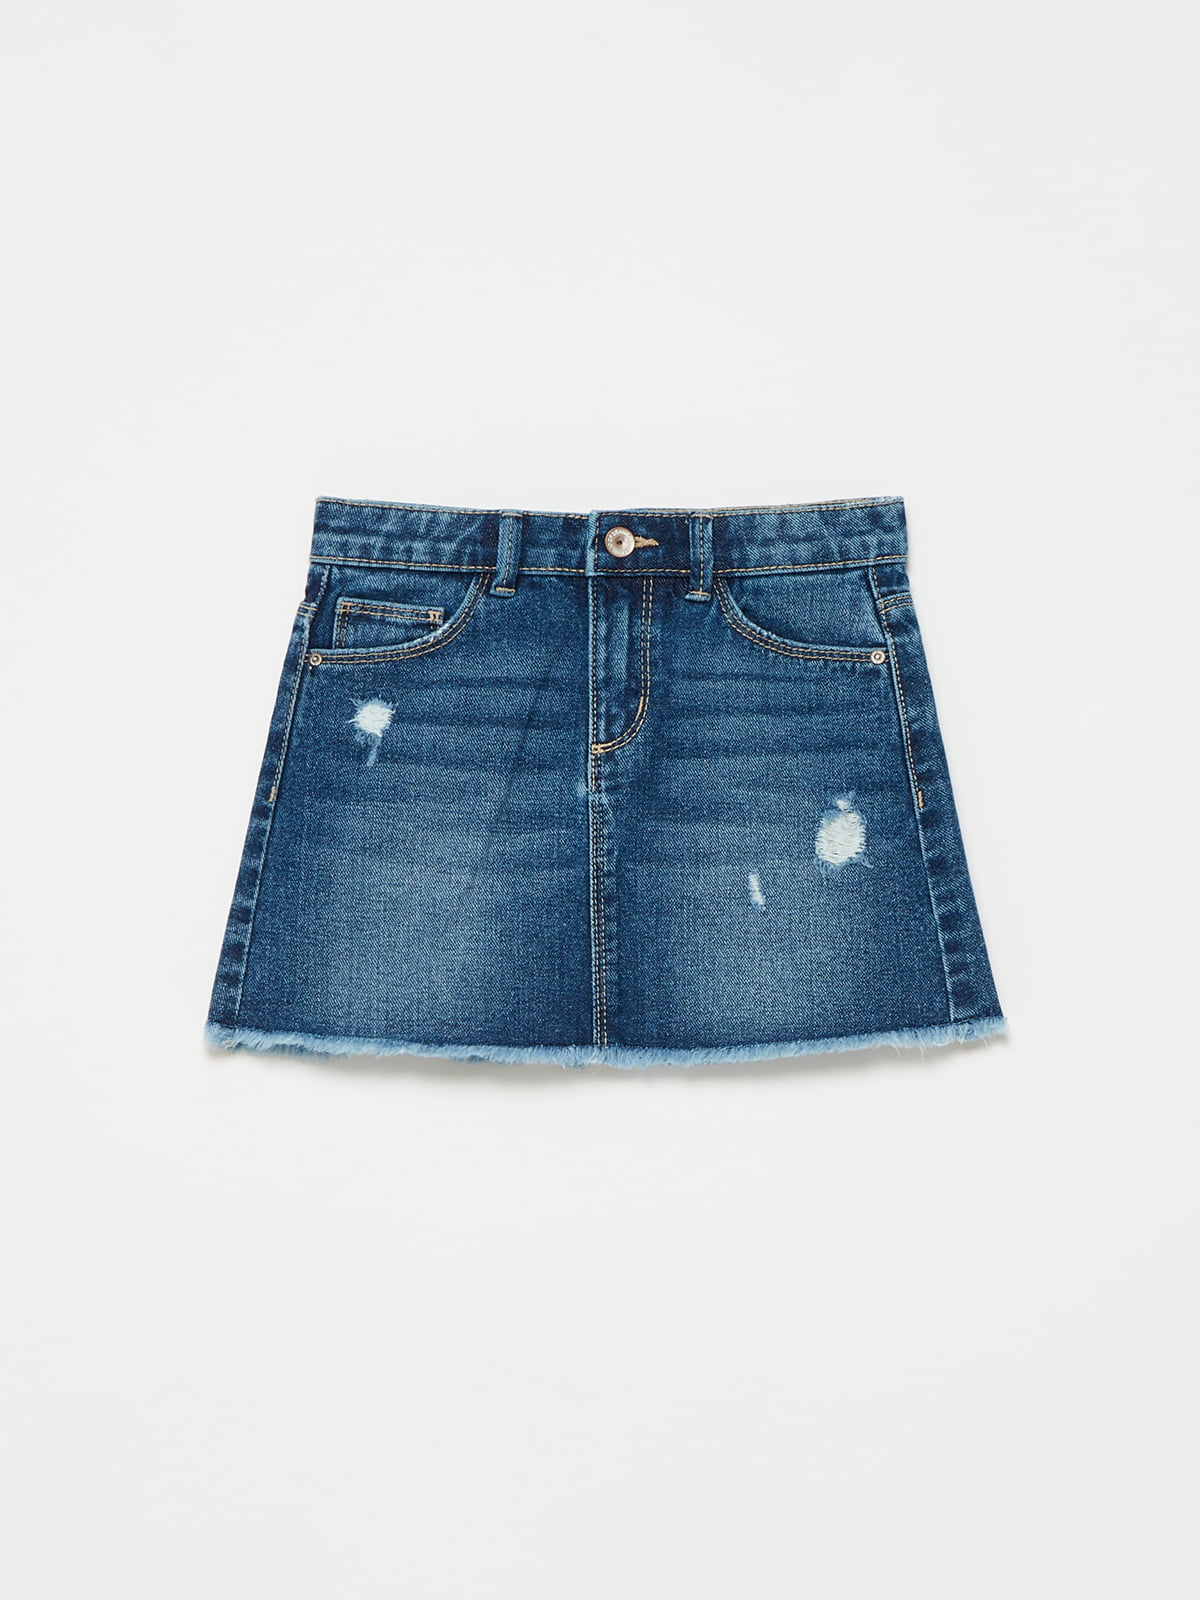 Юбка синяя джинсовая | 5635451